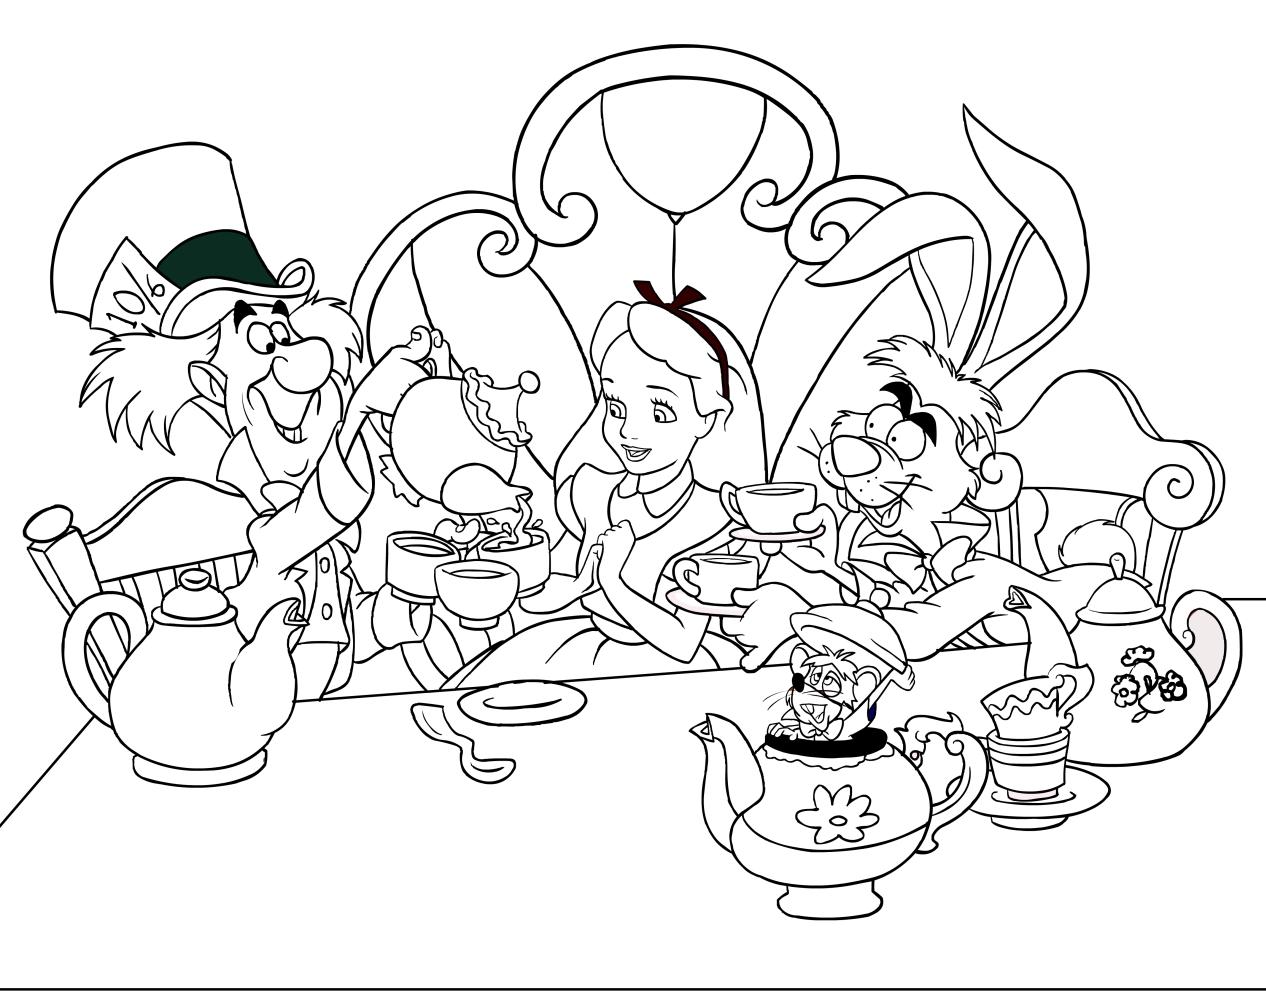 Dibujos Para Colorear Alicia 16: Dibujo De Alicia, El Sombrerero Loco Y Liebre De Marzo